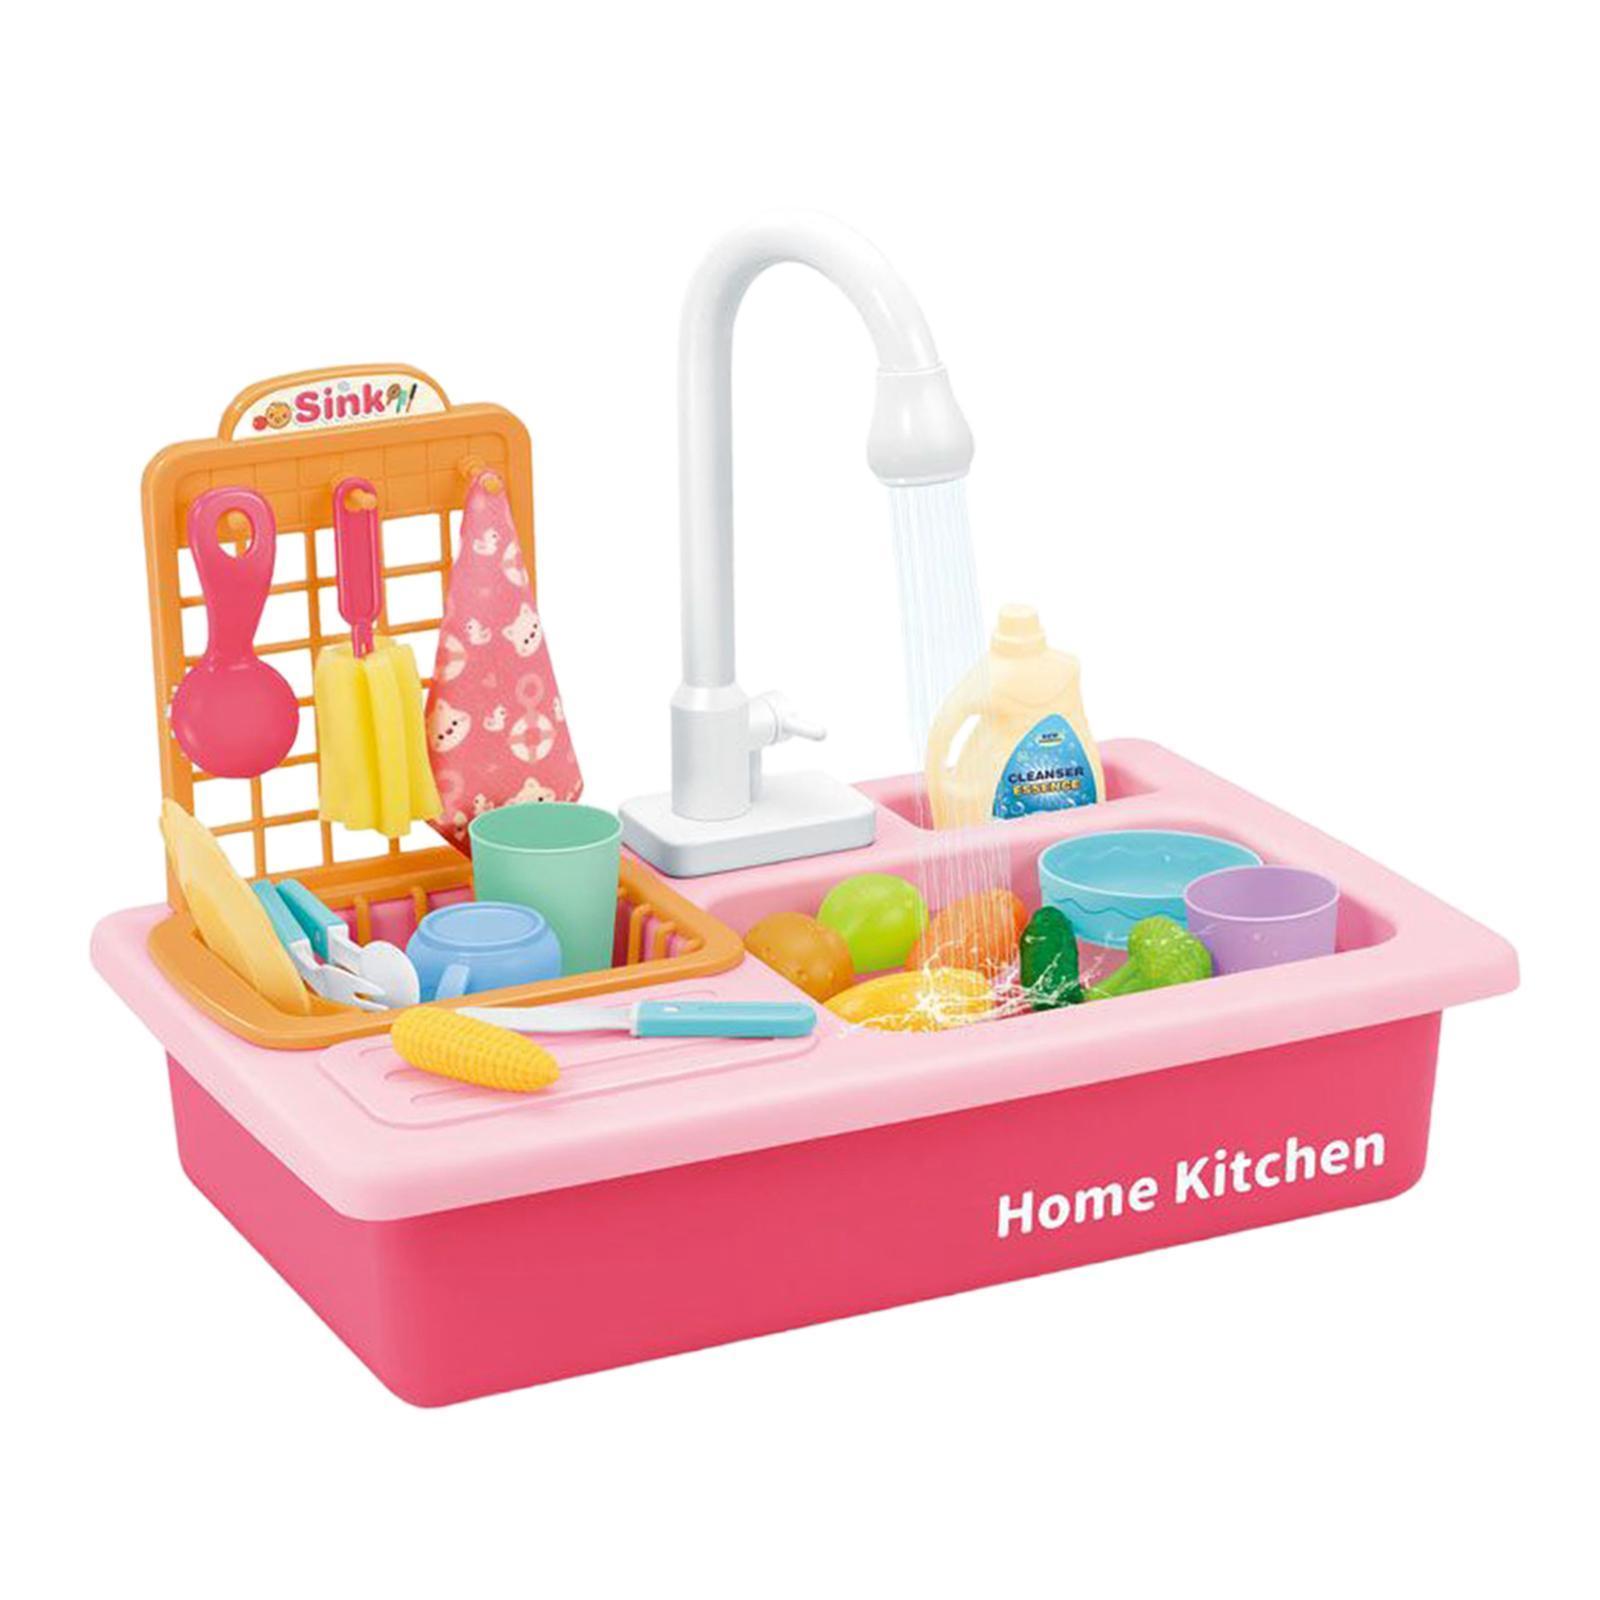 Indexbild 13 - Kinder-Kueche-Spielen-Waschbecken-Spielzeug-Automatische-Wasser-Zyklus-System